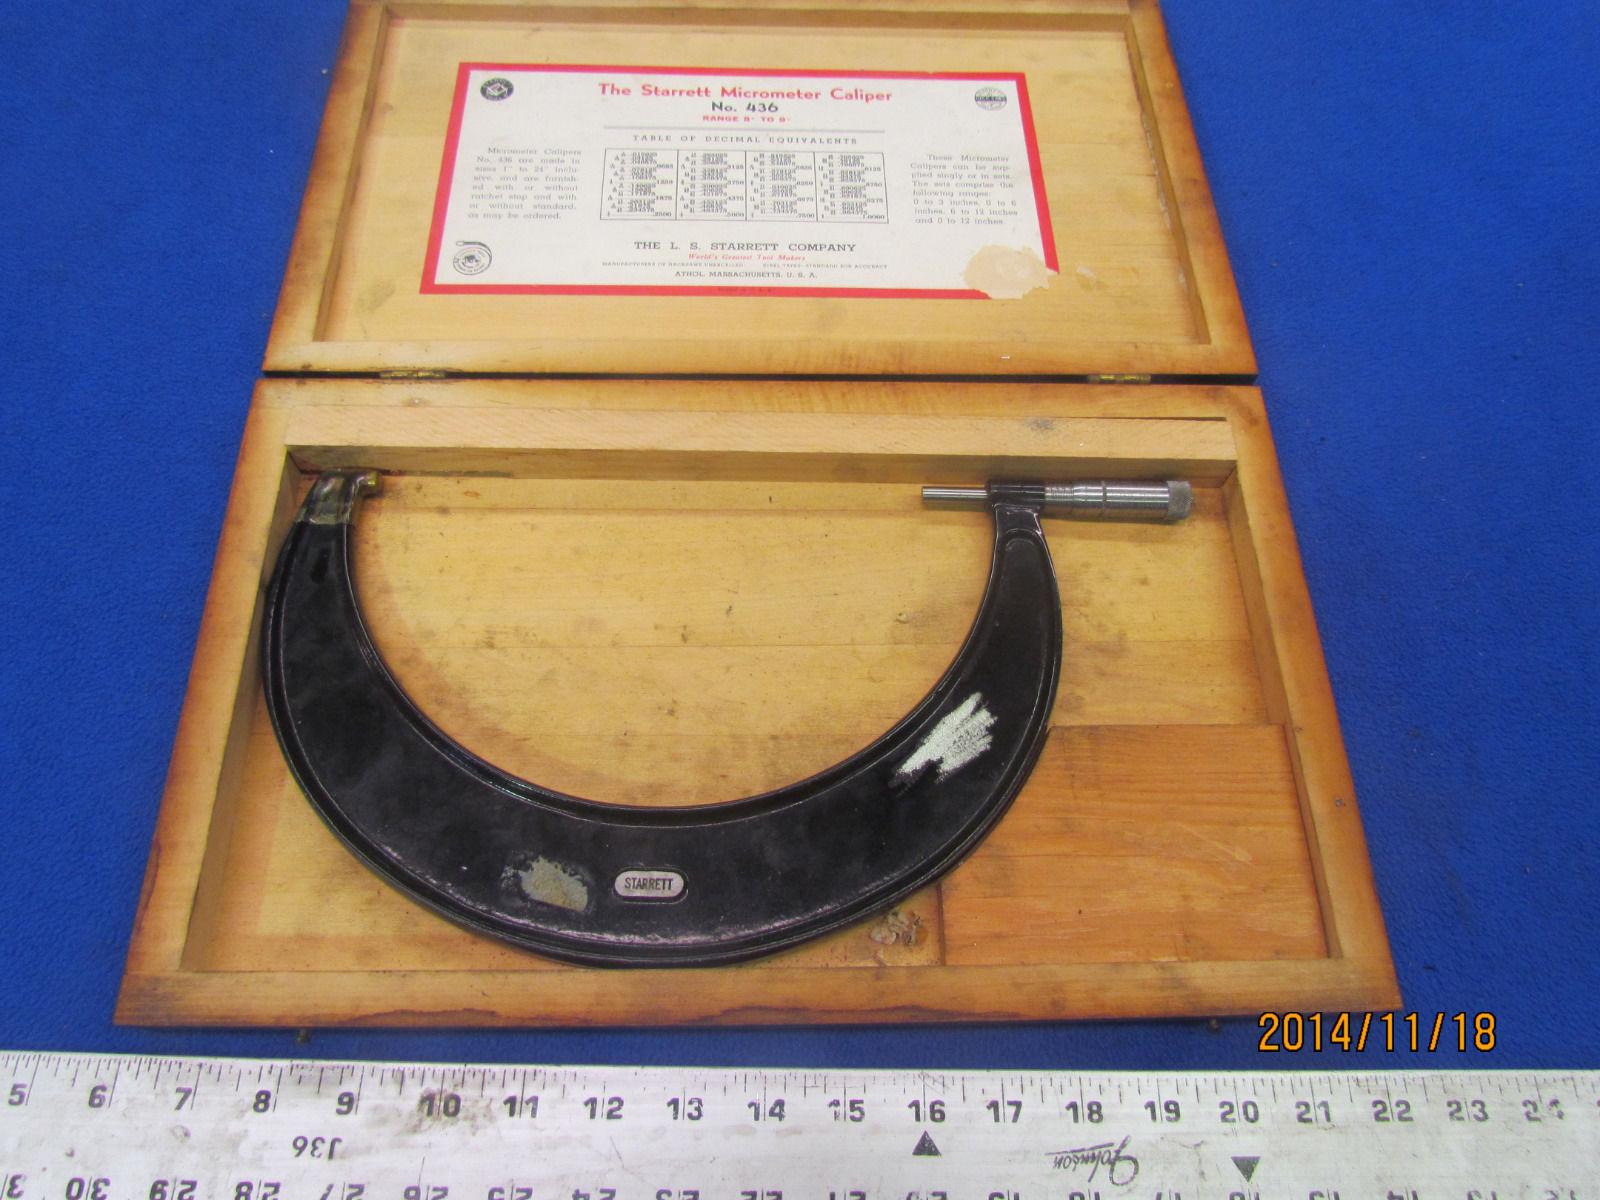 Micrometer 8-9